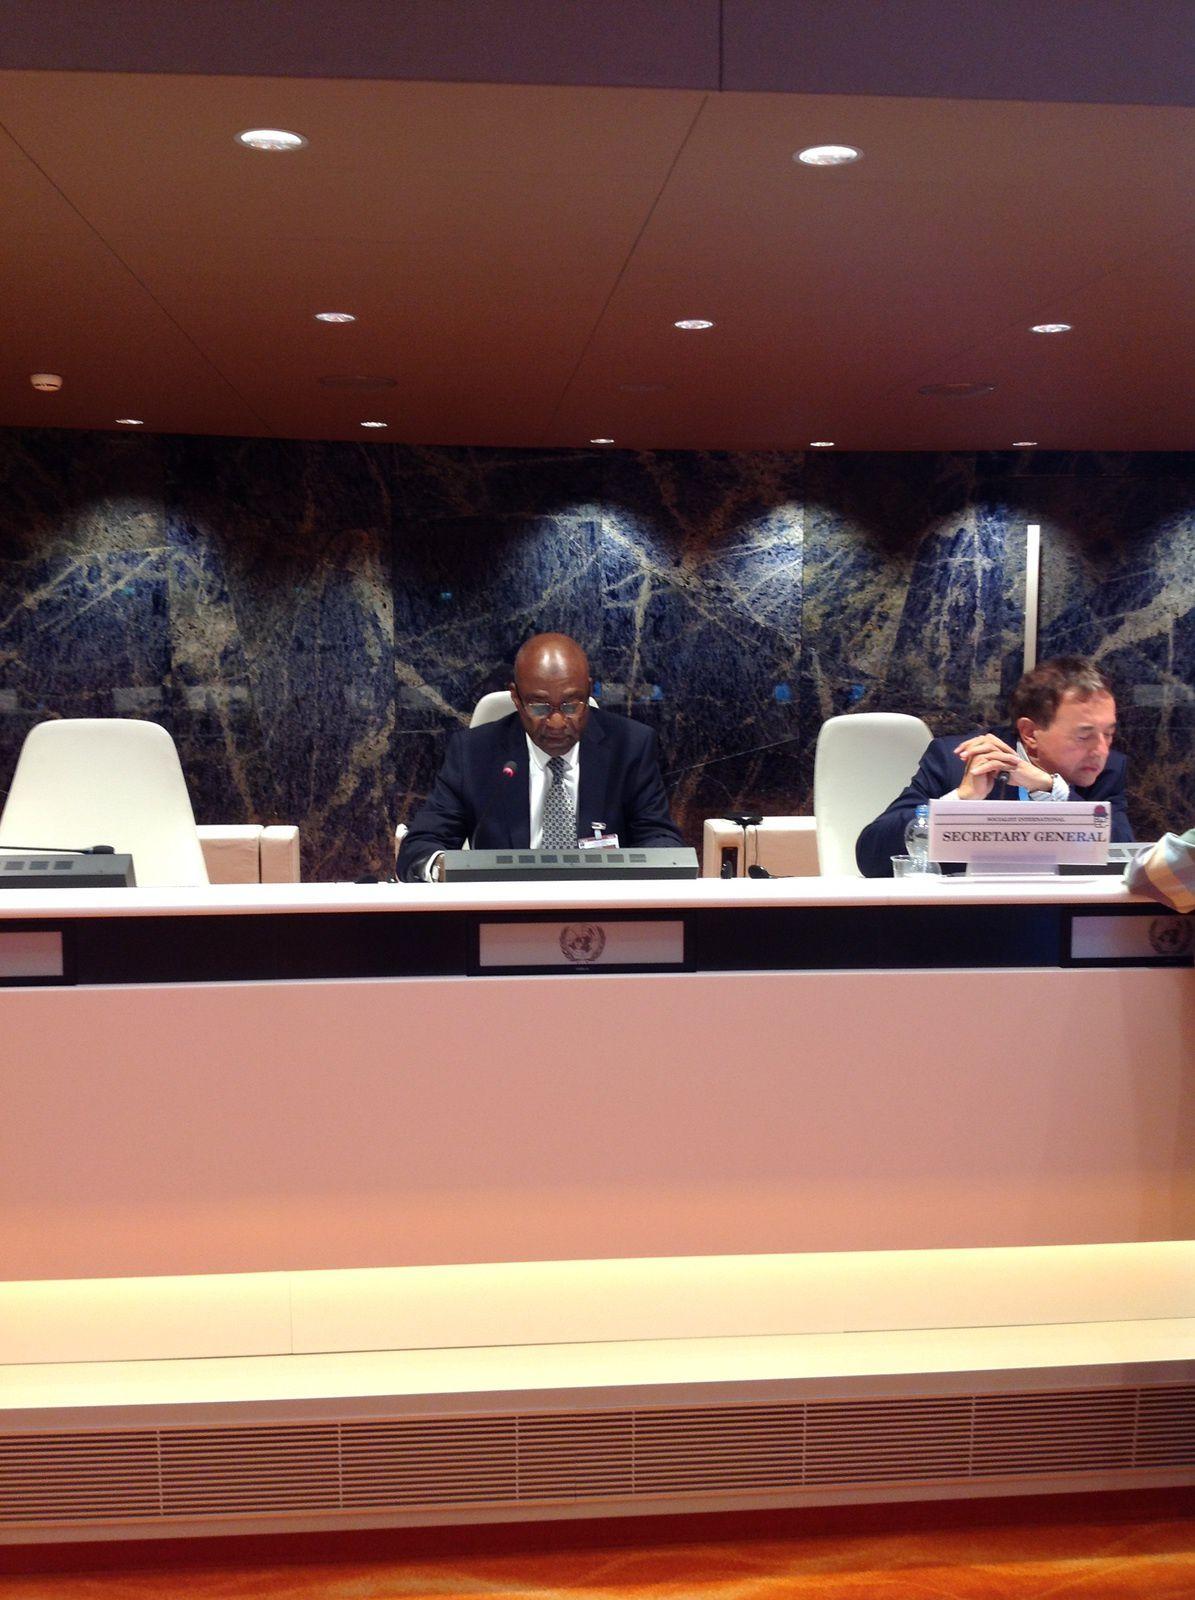 Intervention de M. Saleh Kebzabo au Conseil de l'Internationale Socialiste: vers une résolution importante sur le Tchad à Genève